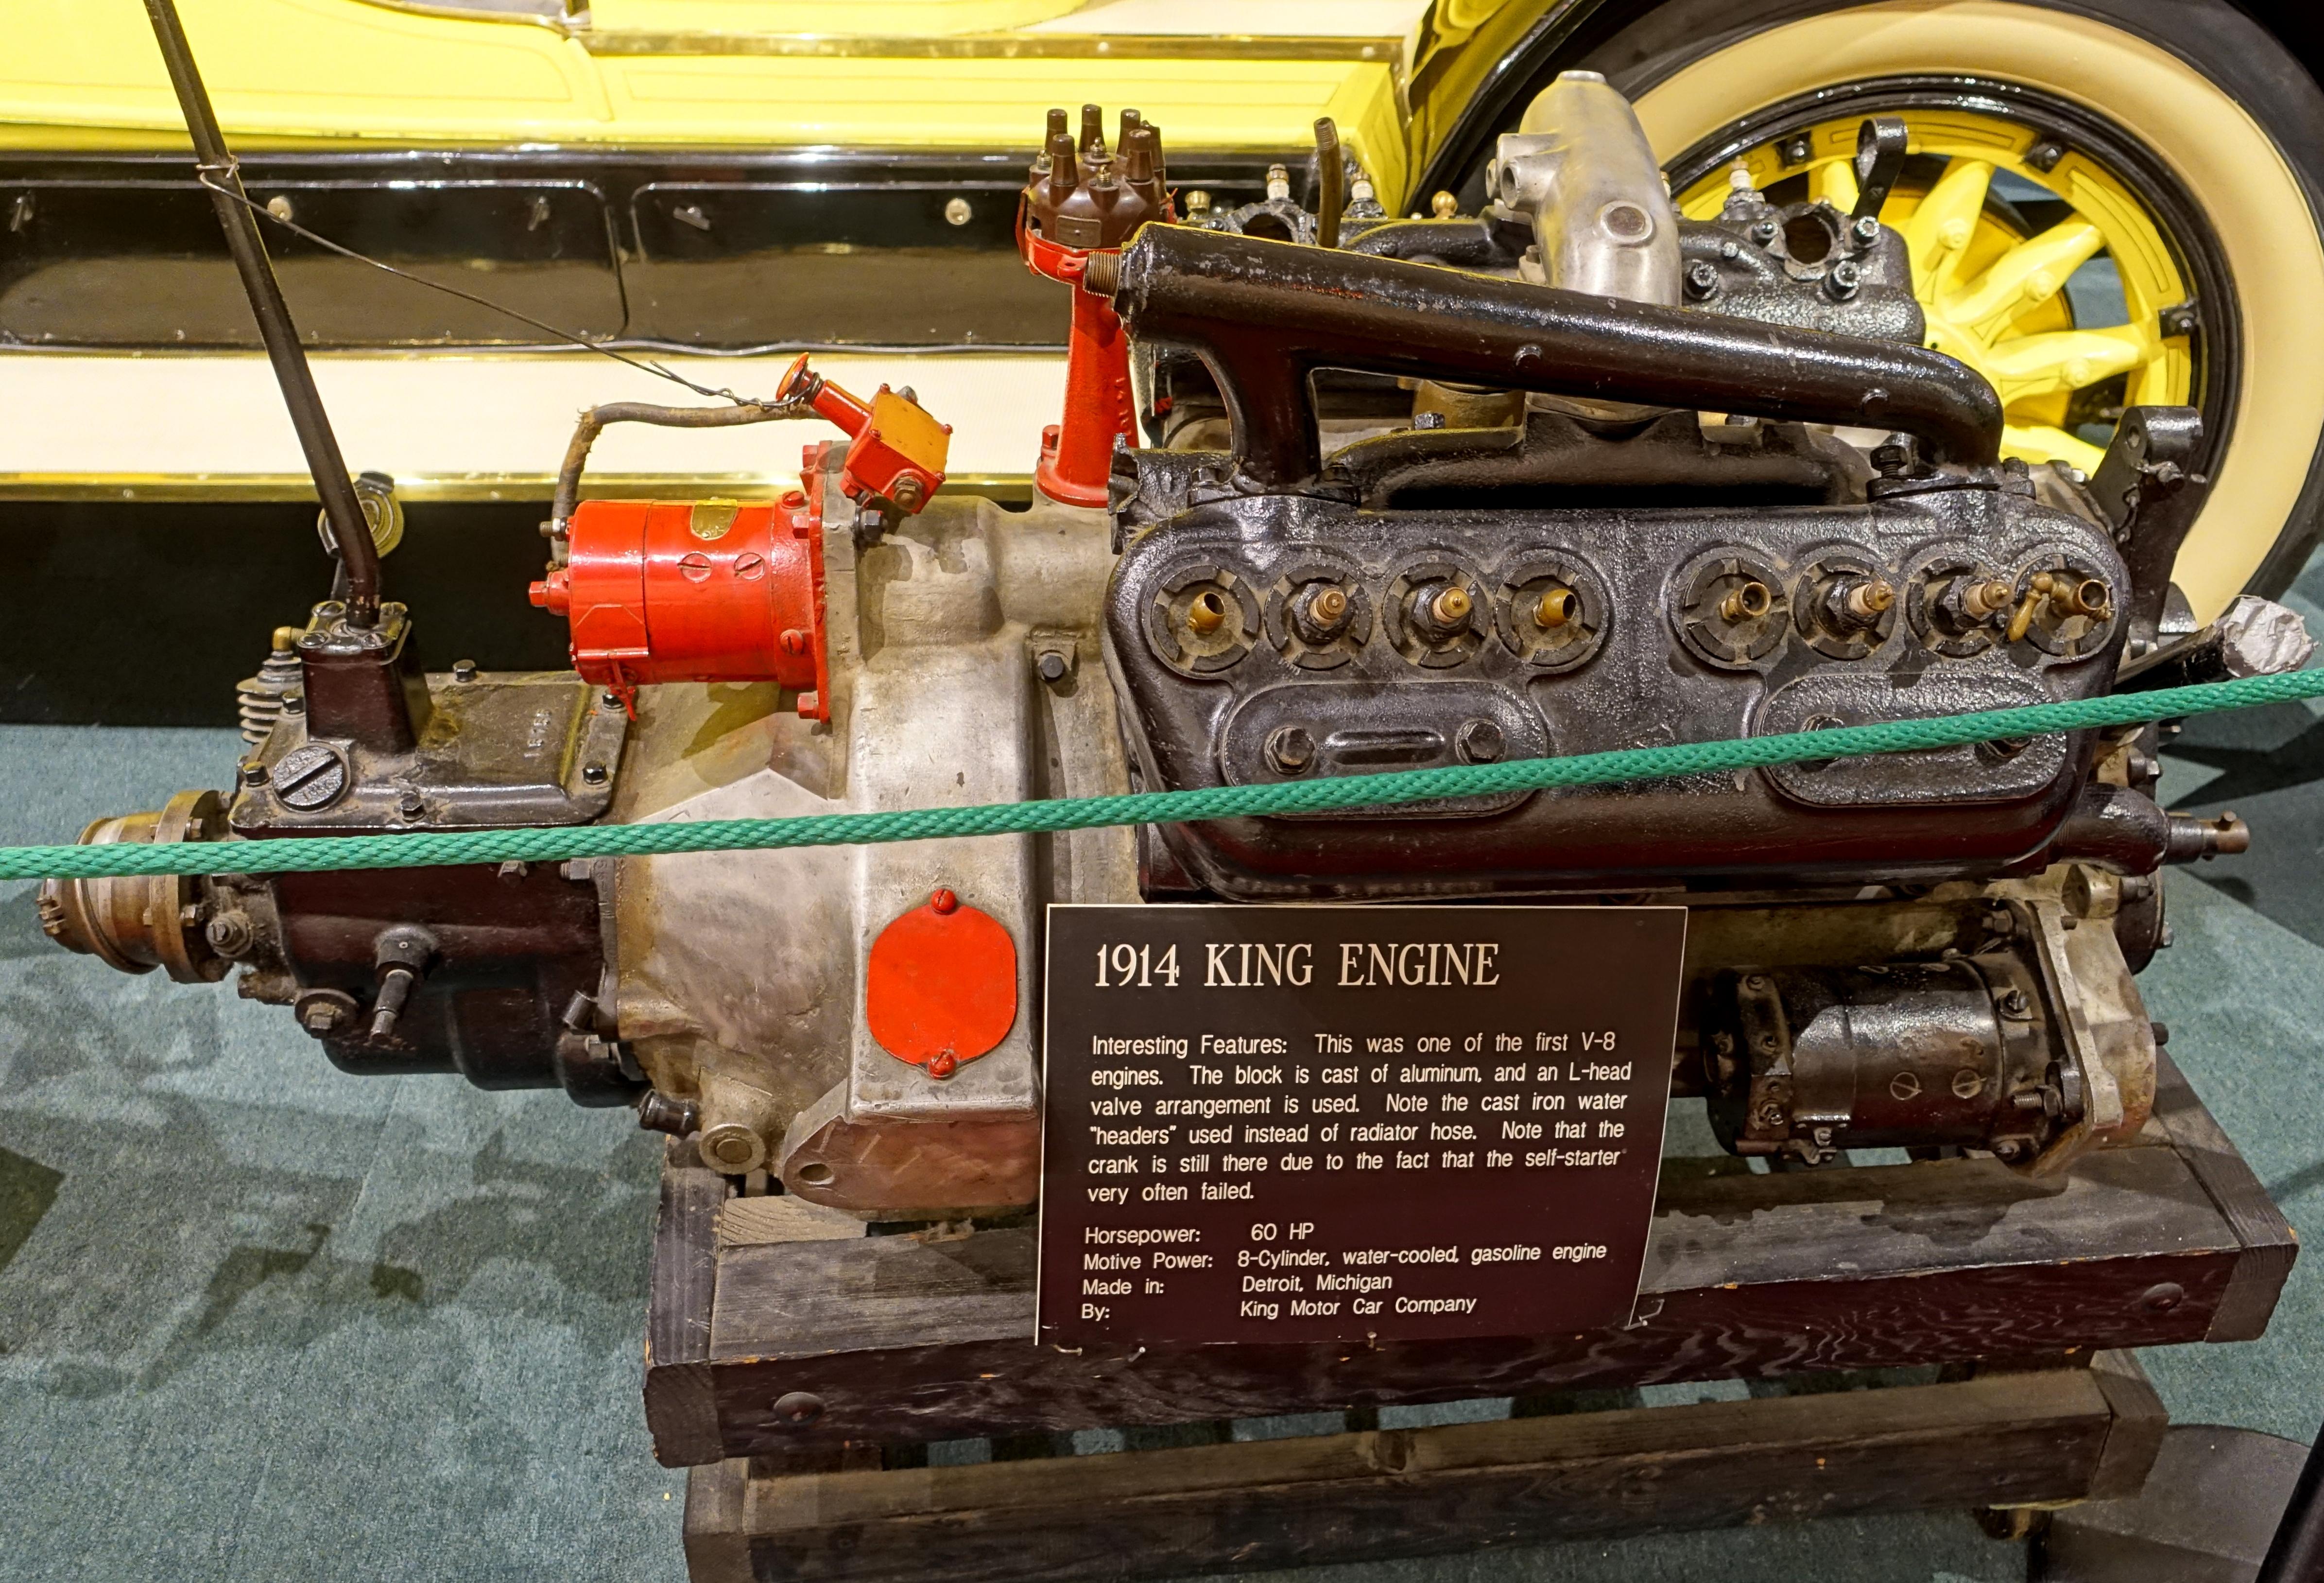 File:King engine, 1914, King Motor Car Co., Detroit, 60 HP, cast ...